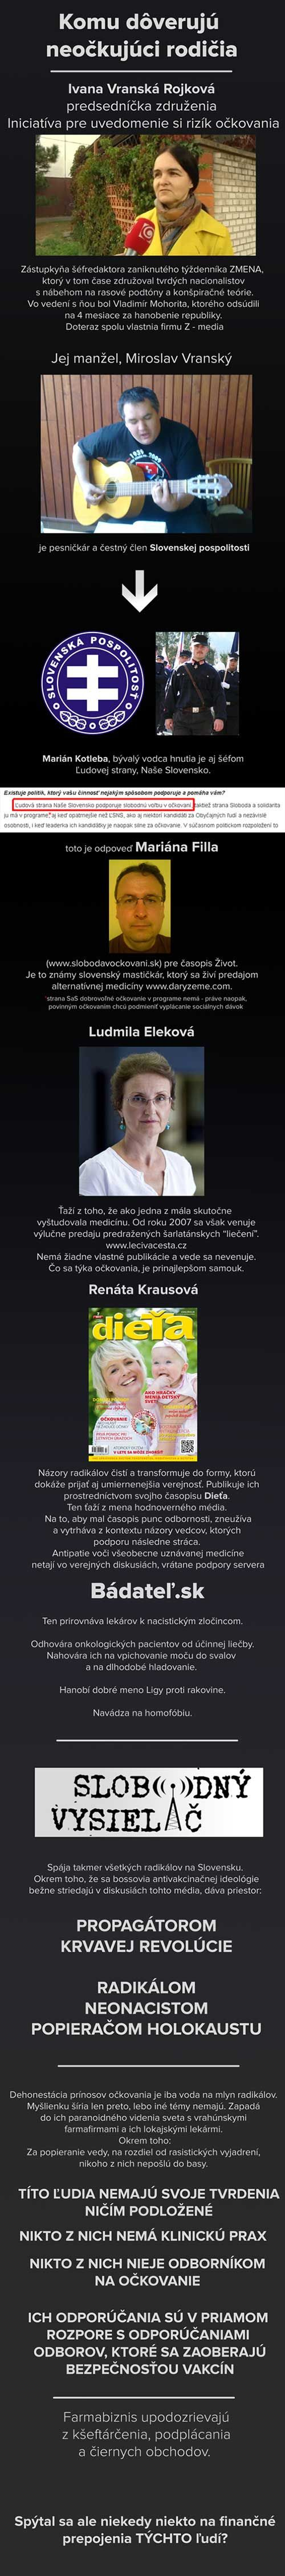 pamflet istého Jozefa Magala